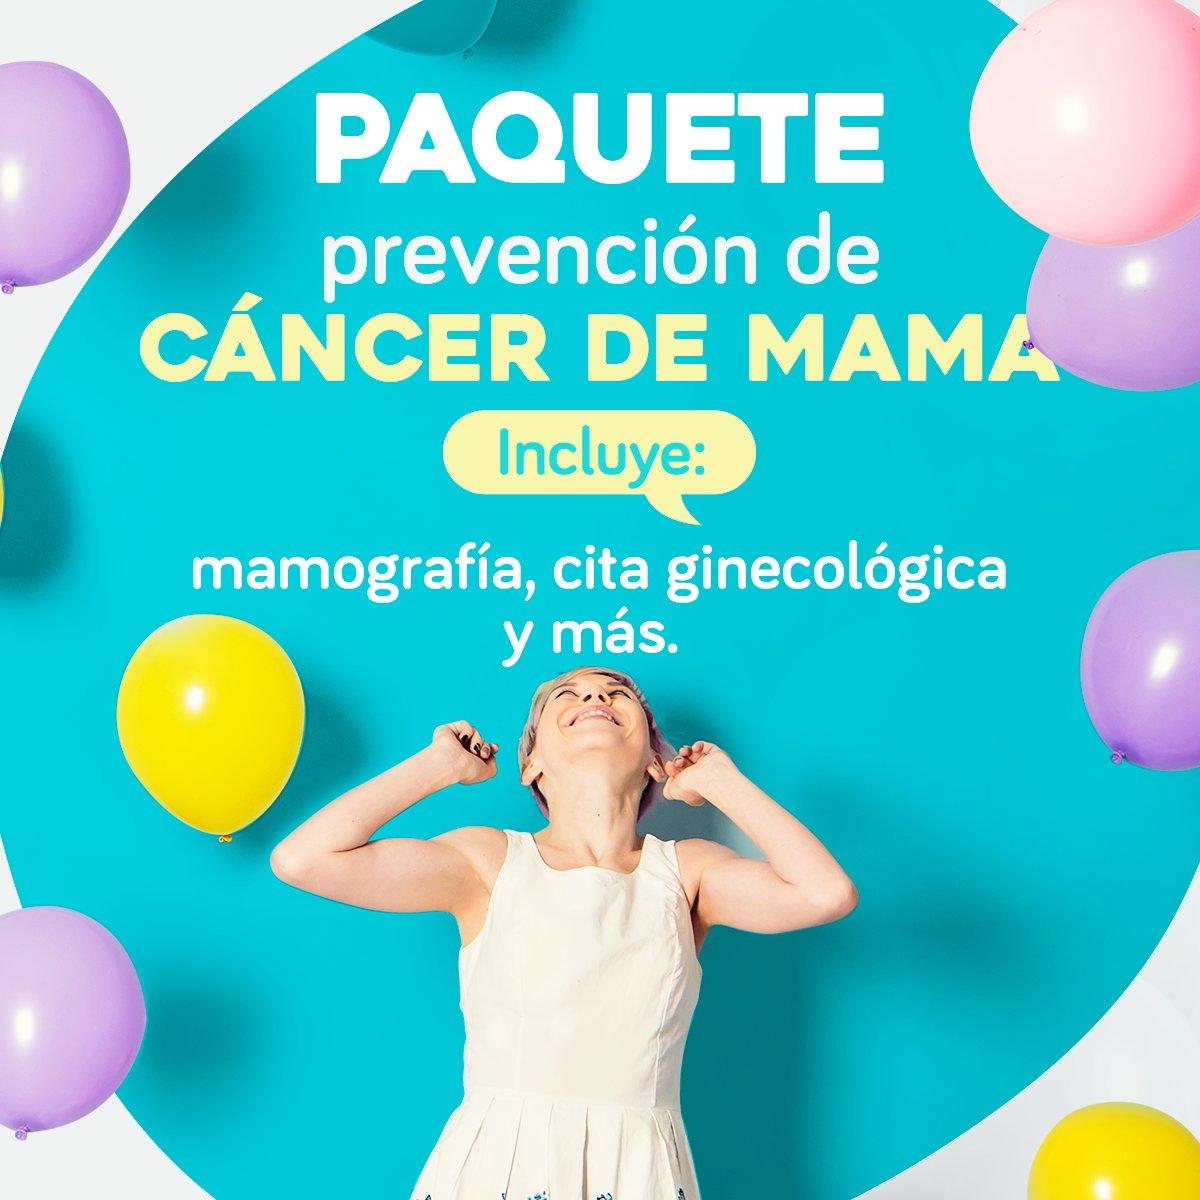 precio de mamografia en ecuador